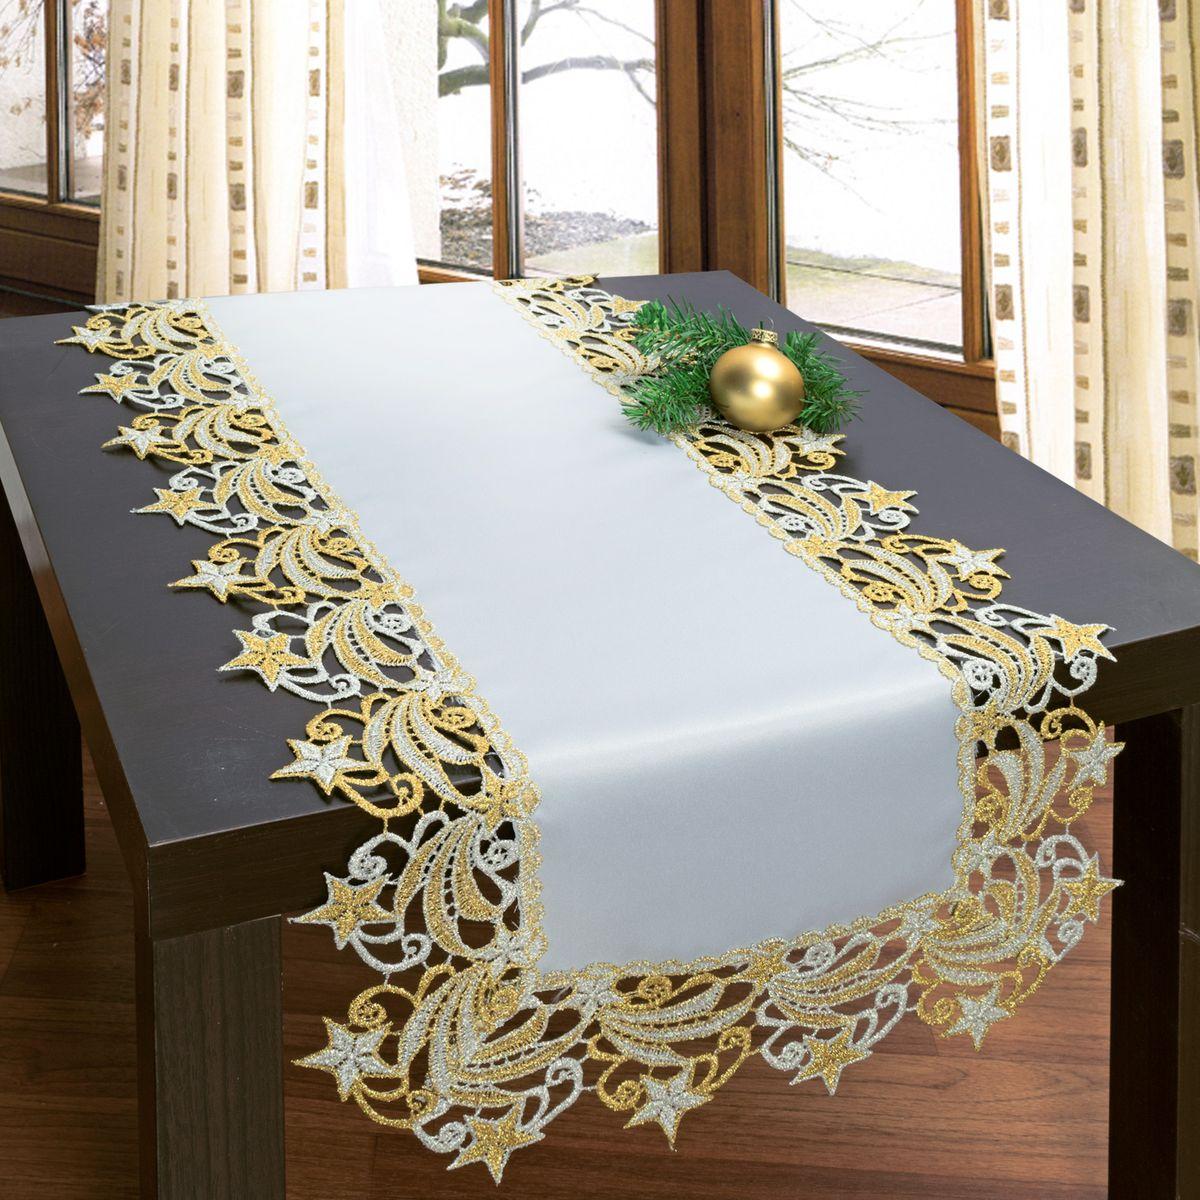 Дорожка для декорирования стола Schaefer, 40 х 100 см, цвет: белый, бежевый. 3076